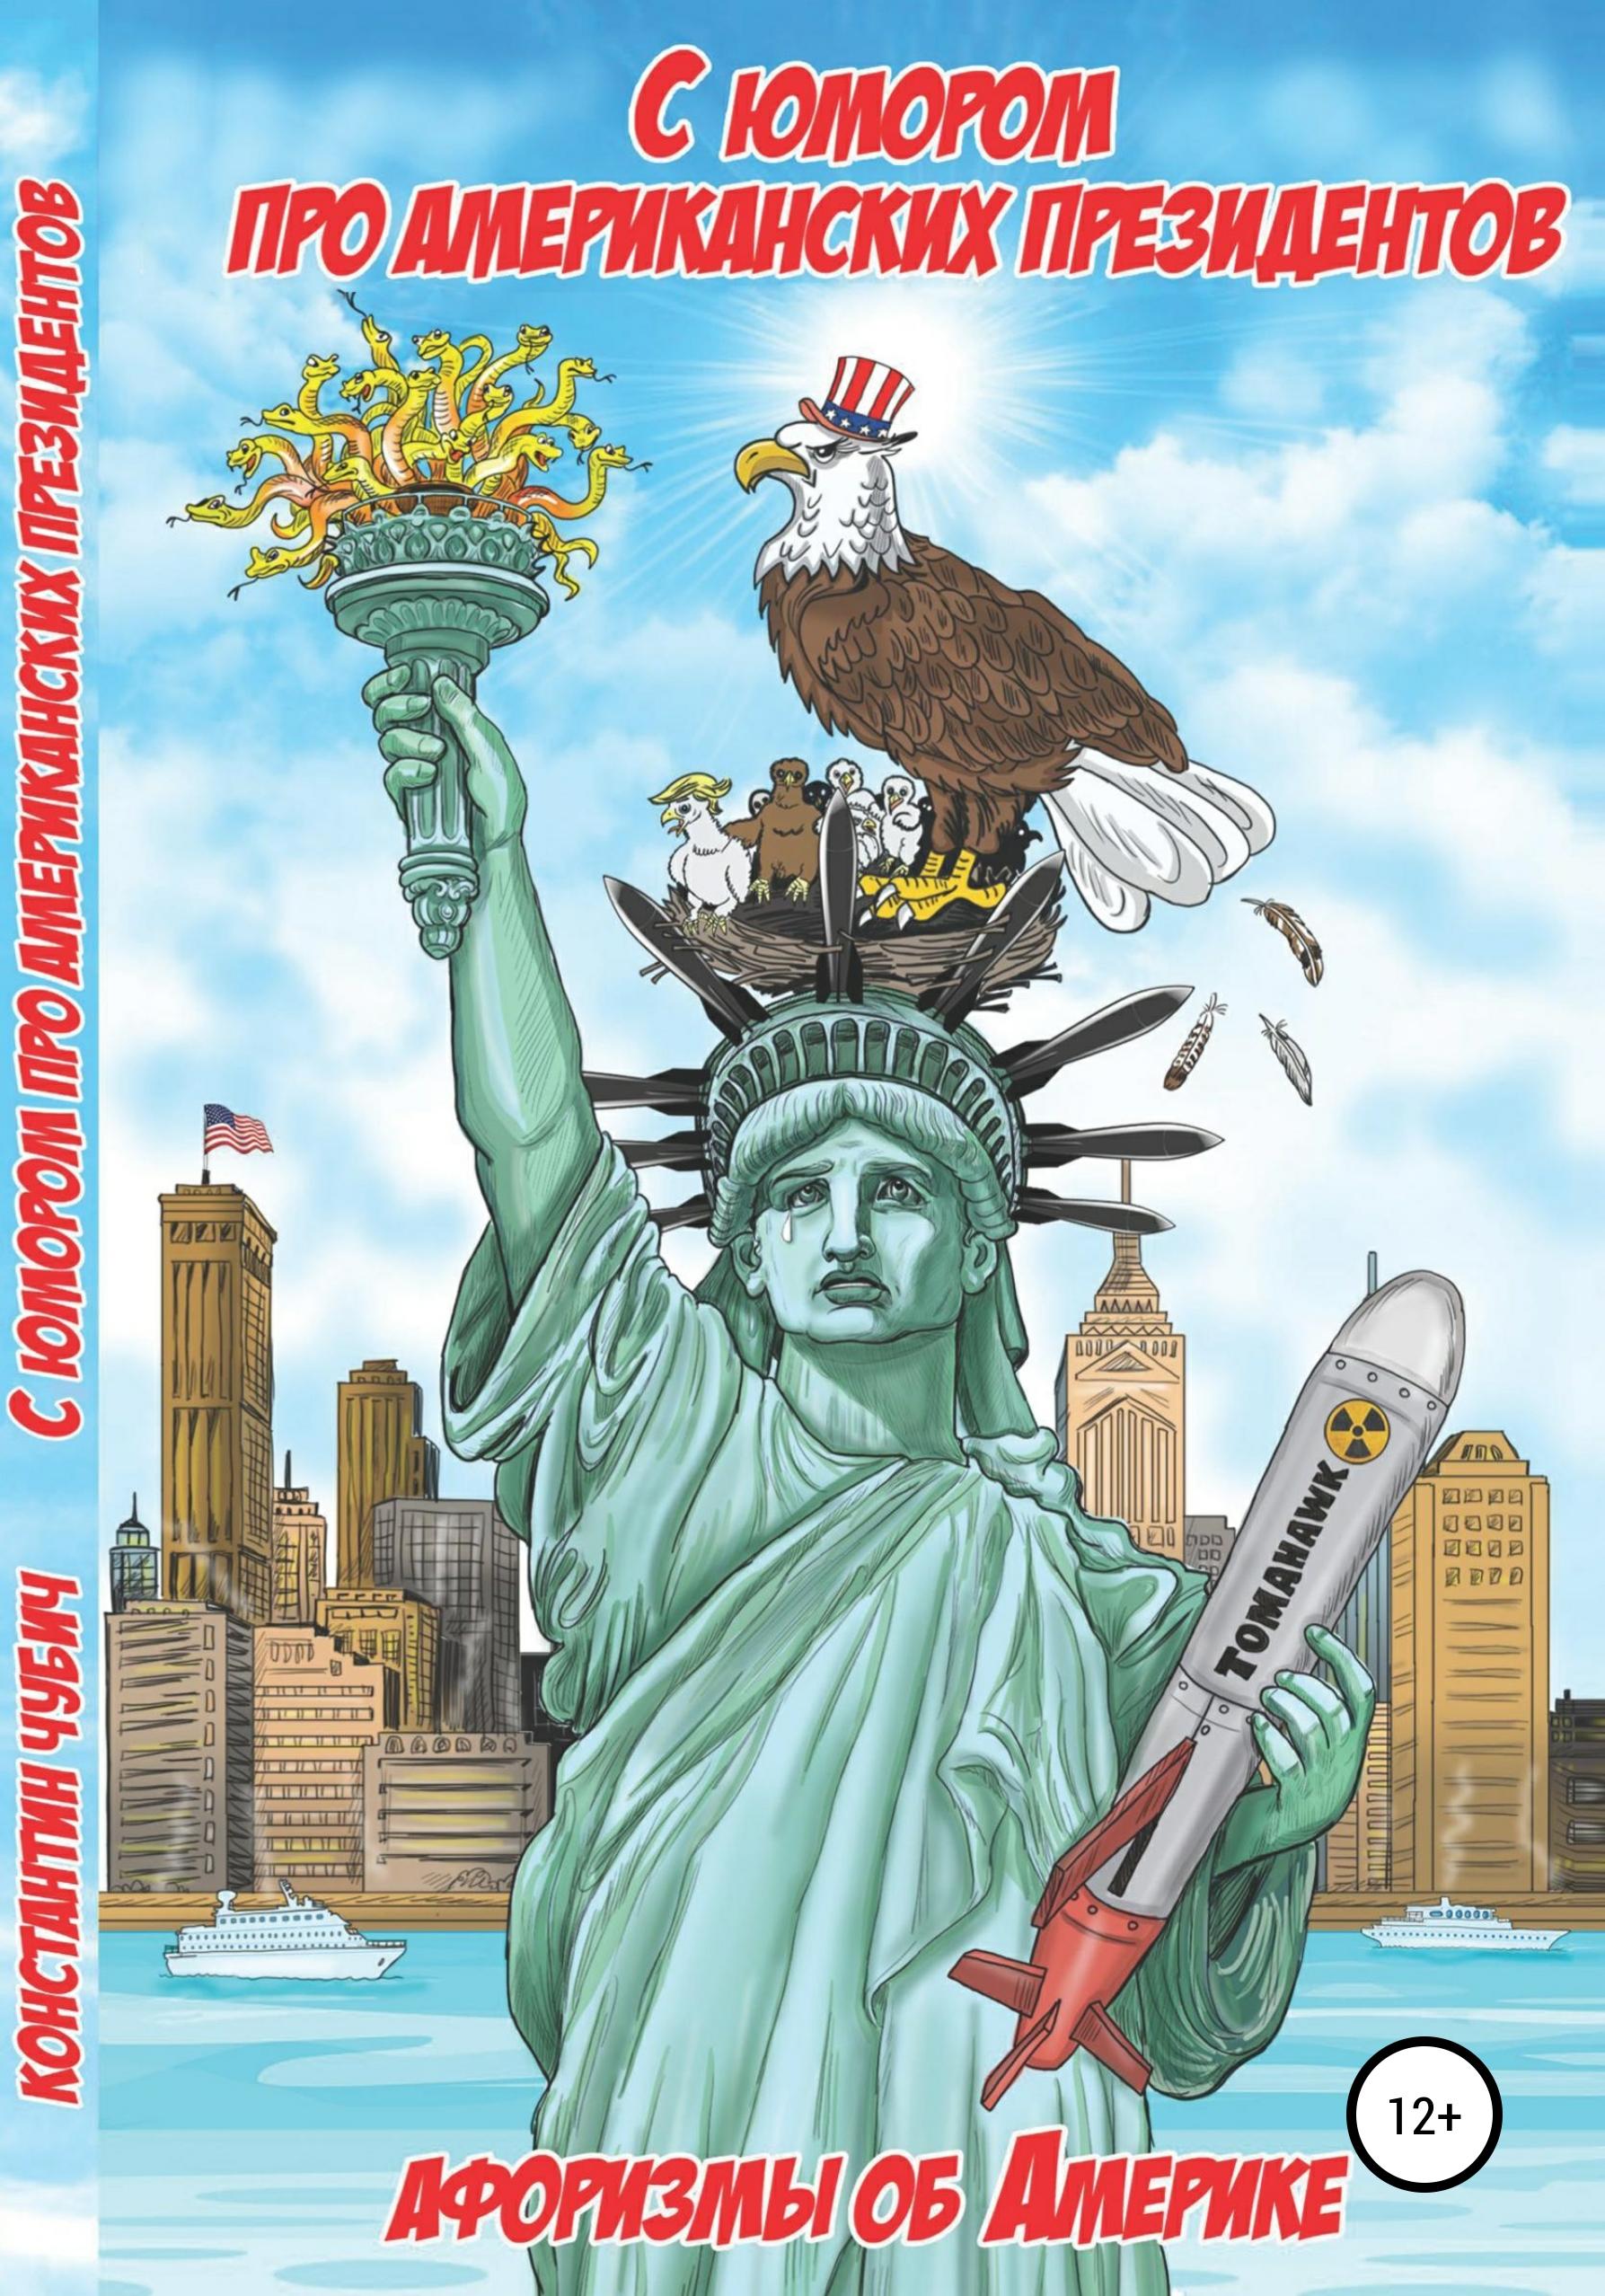 Купить книгу С юмором про американских президентов. Афоризмы об Америке, автора Константина Чубича